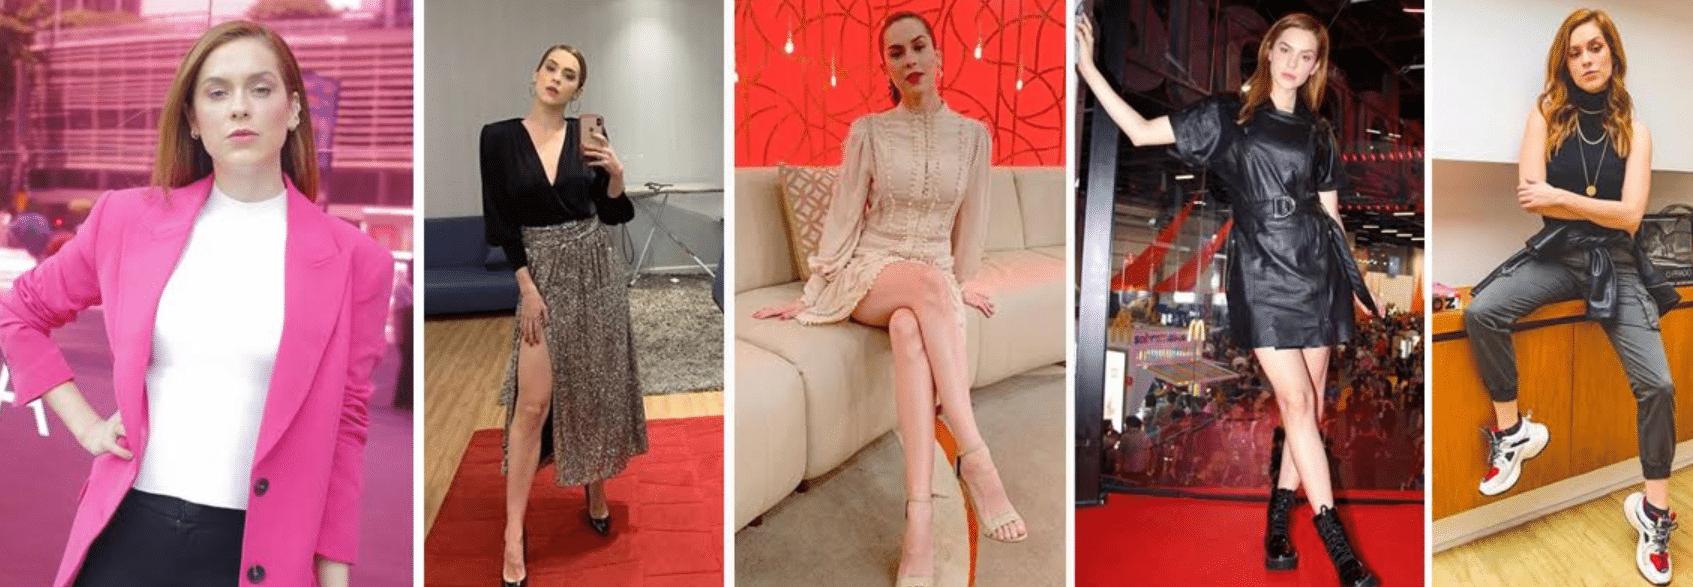 cincos fotos da atriz sophia abrahão com roupas diversas